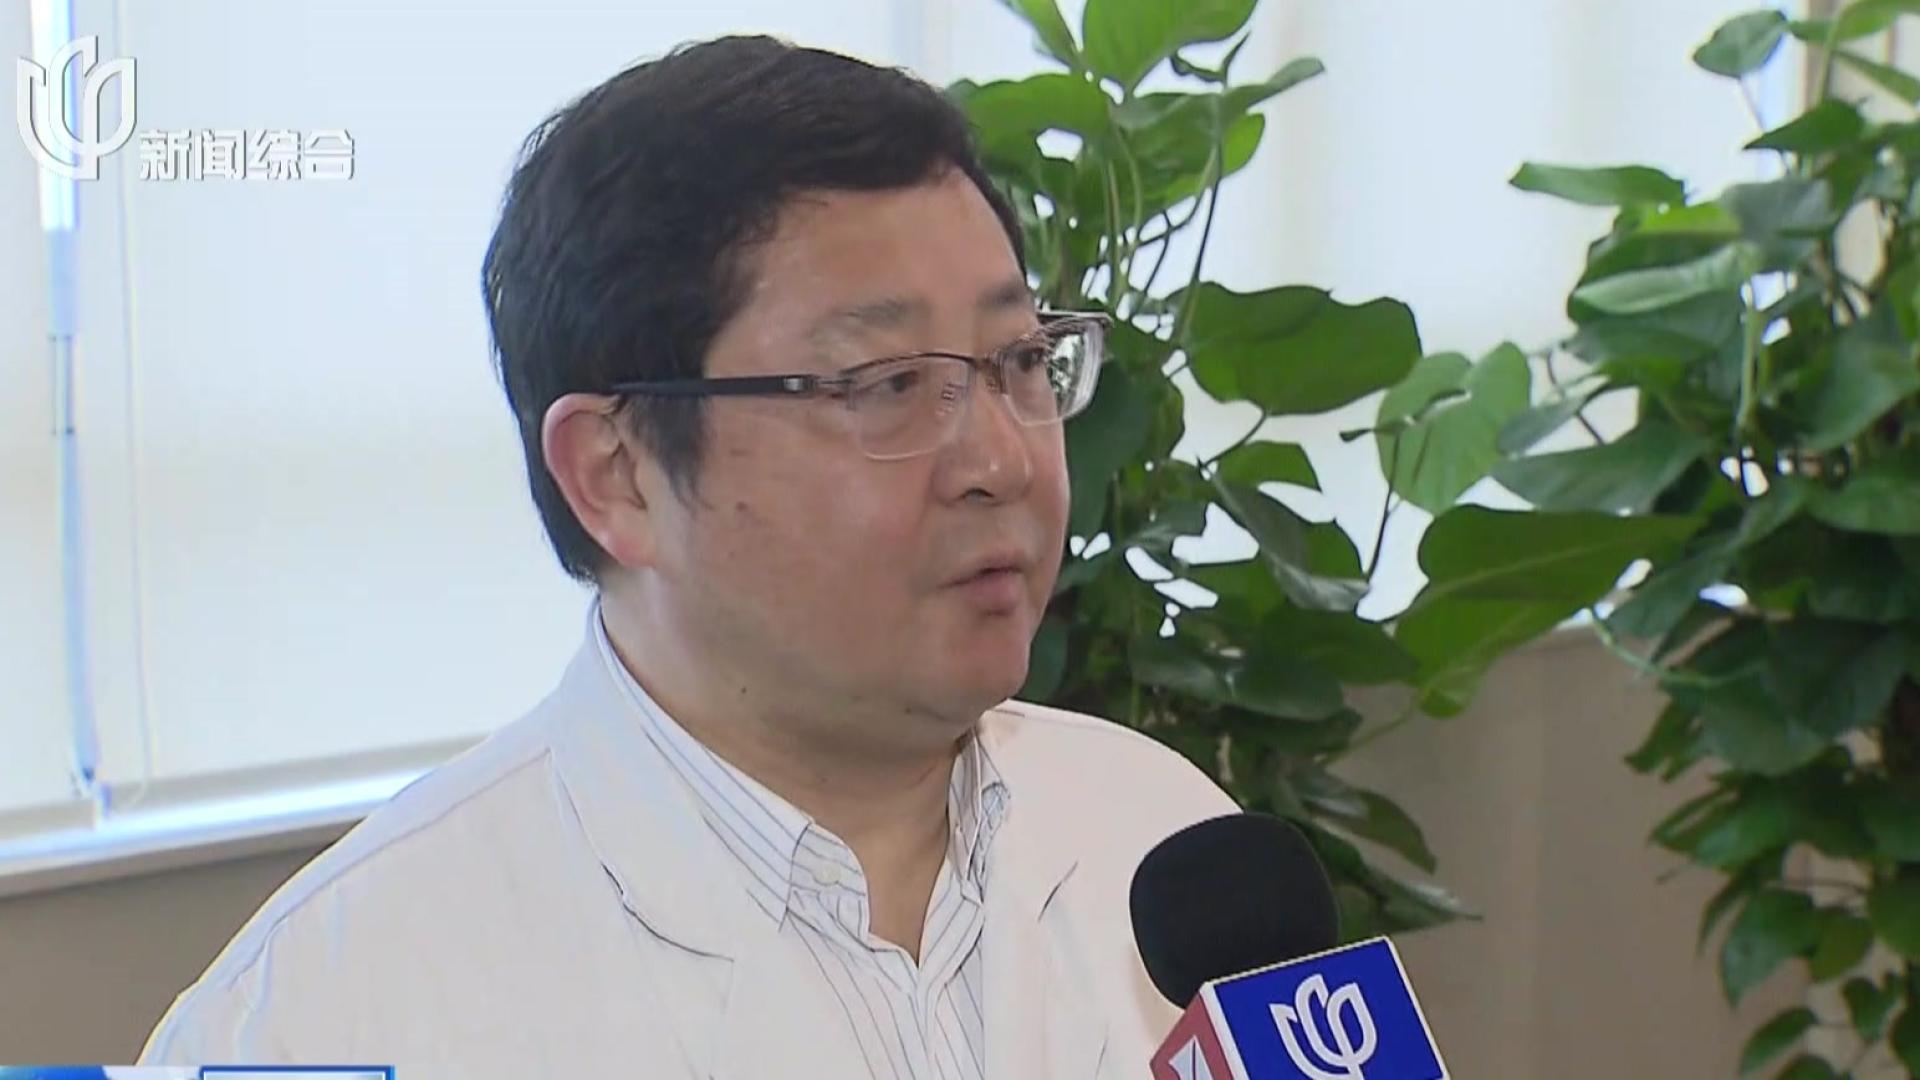 上海胸科医院:肺癌新靶点抗癌药研究获突破  治疗缓解率达55%